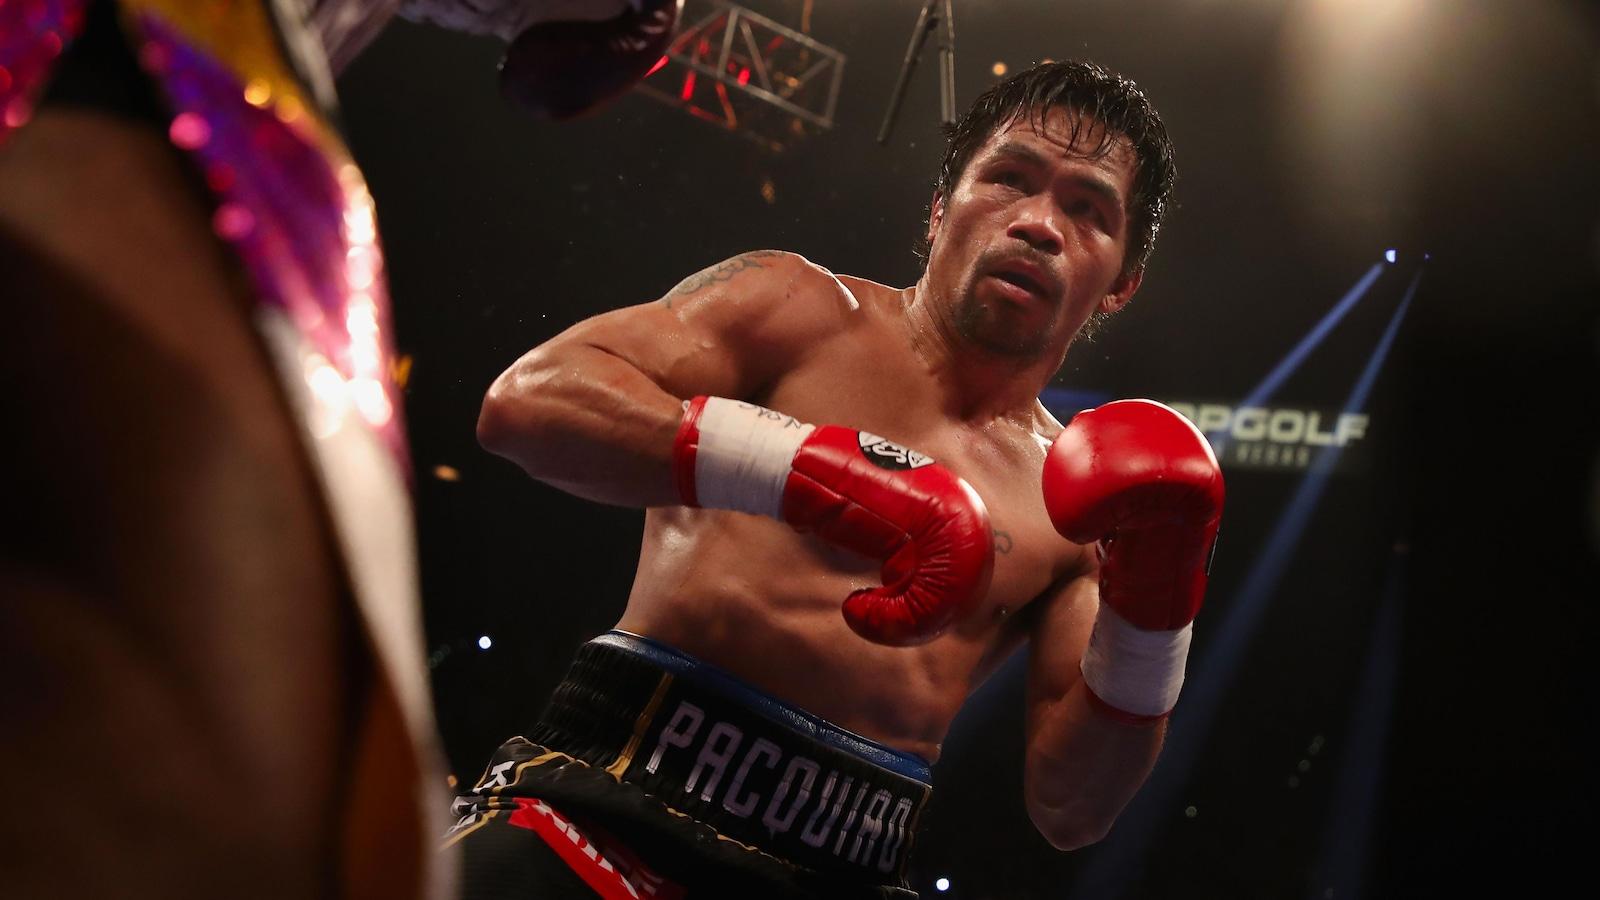 Manny Pacquiao affronte Adrien Broner dans un combat à Las Vegas.